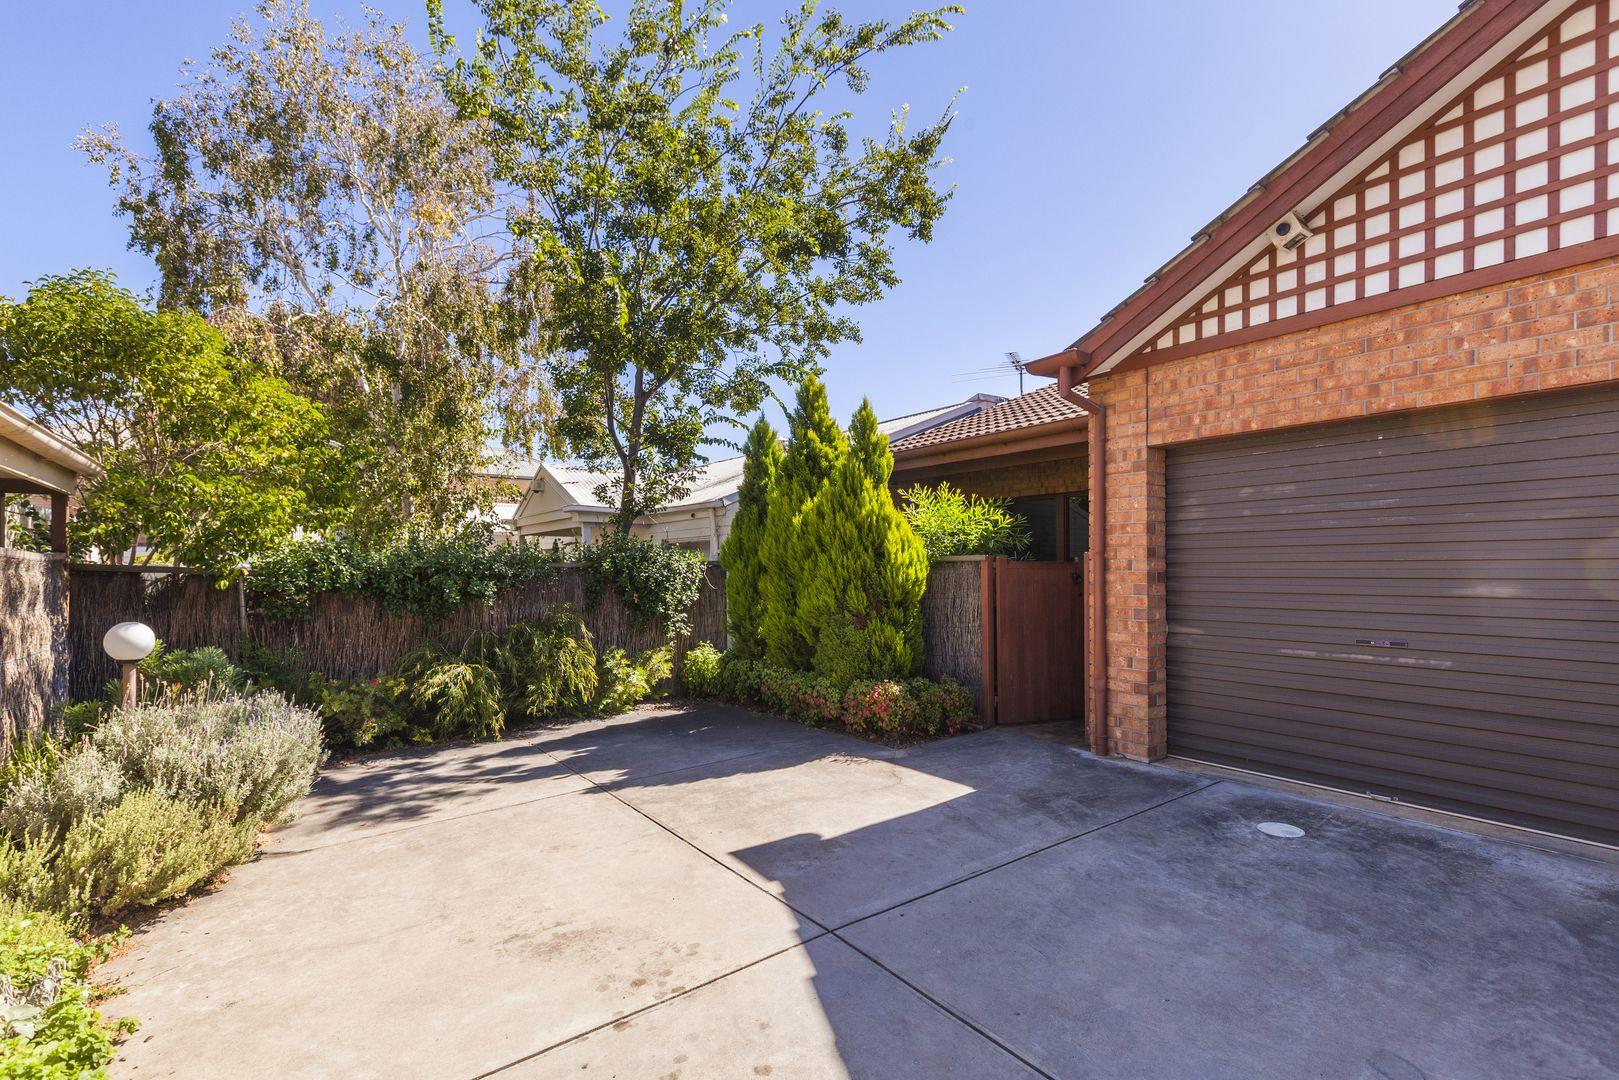 2/178 Gover Street, North Adelaide SA 5006, Image 0